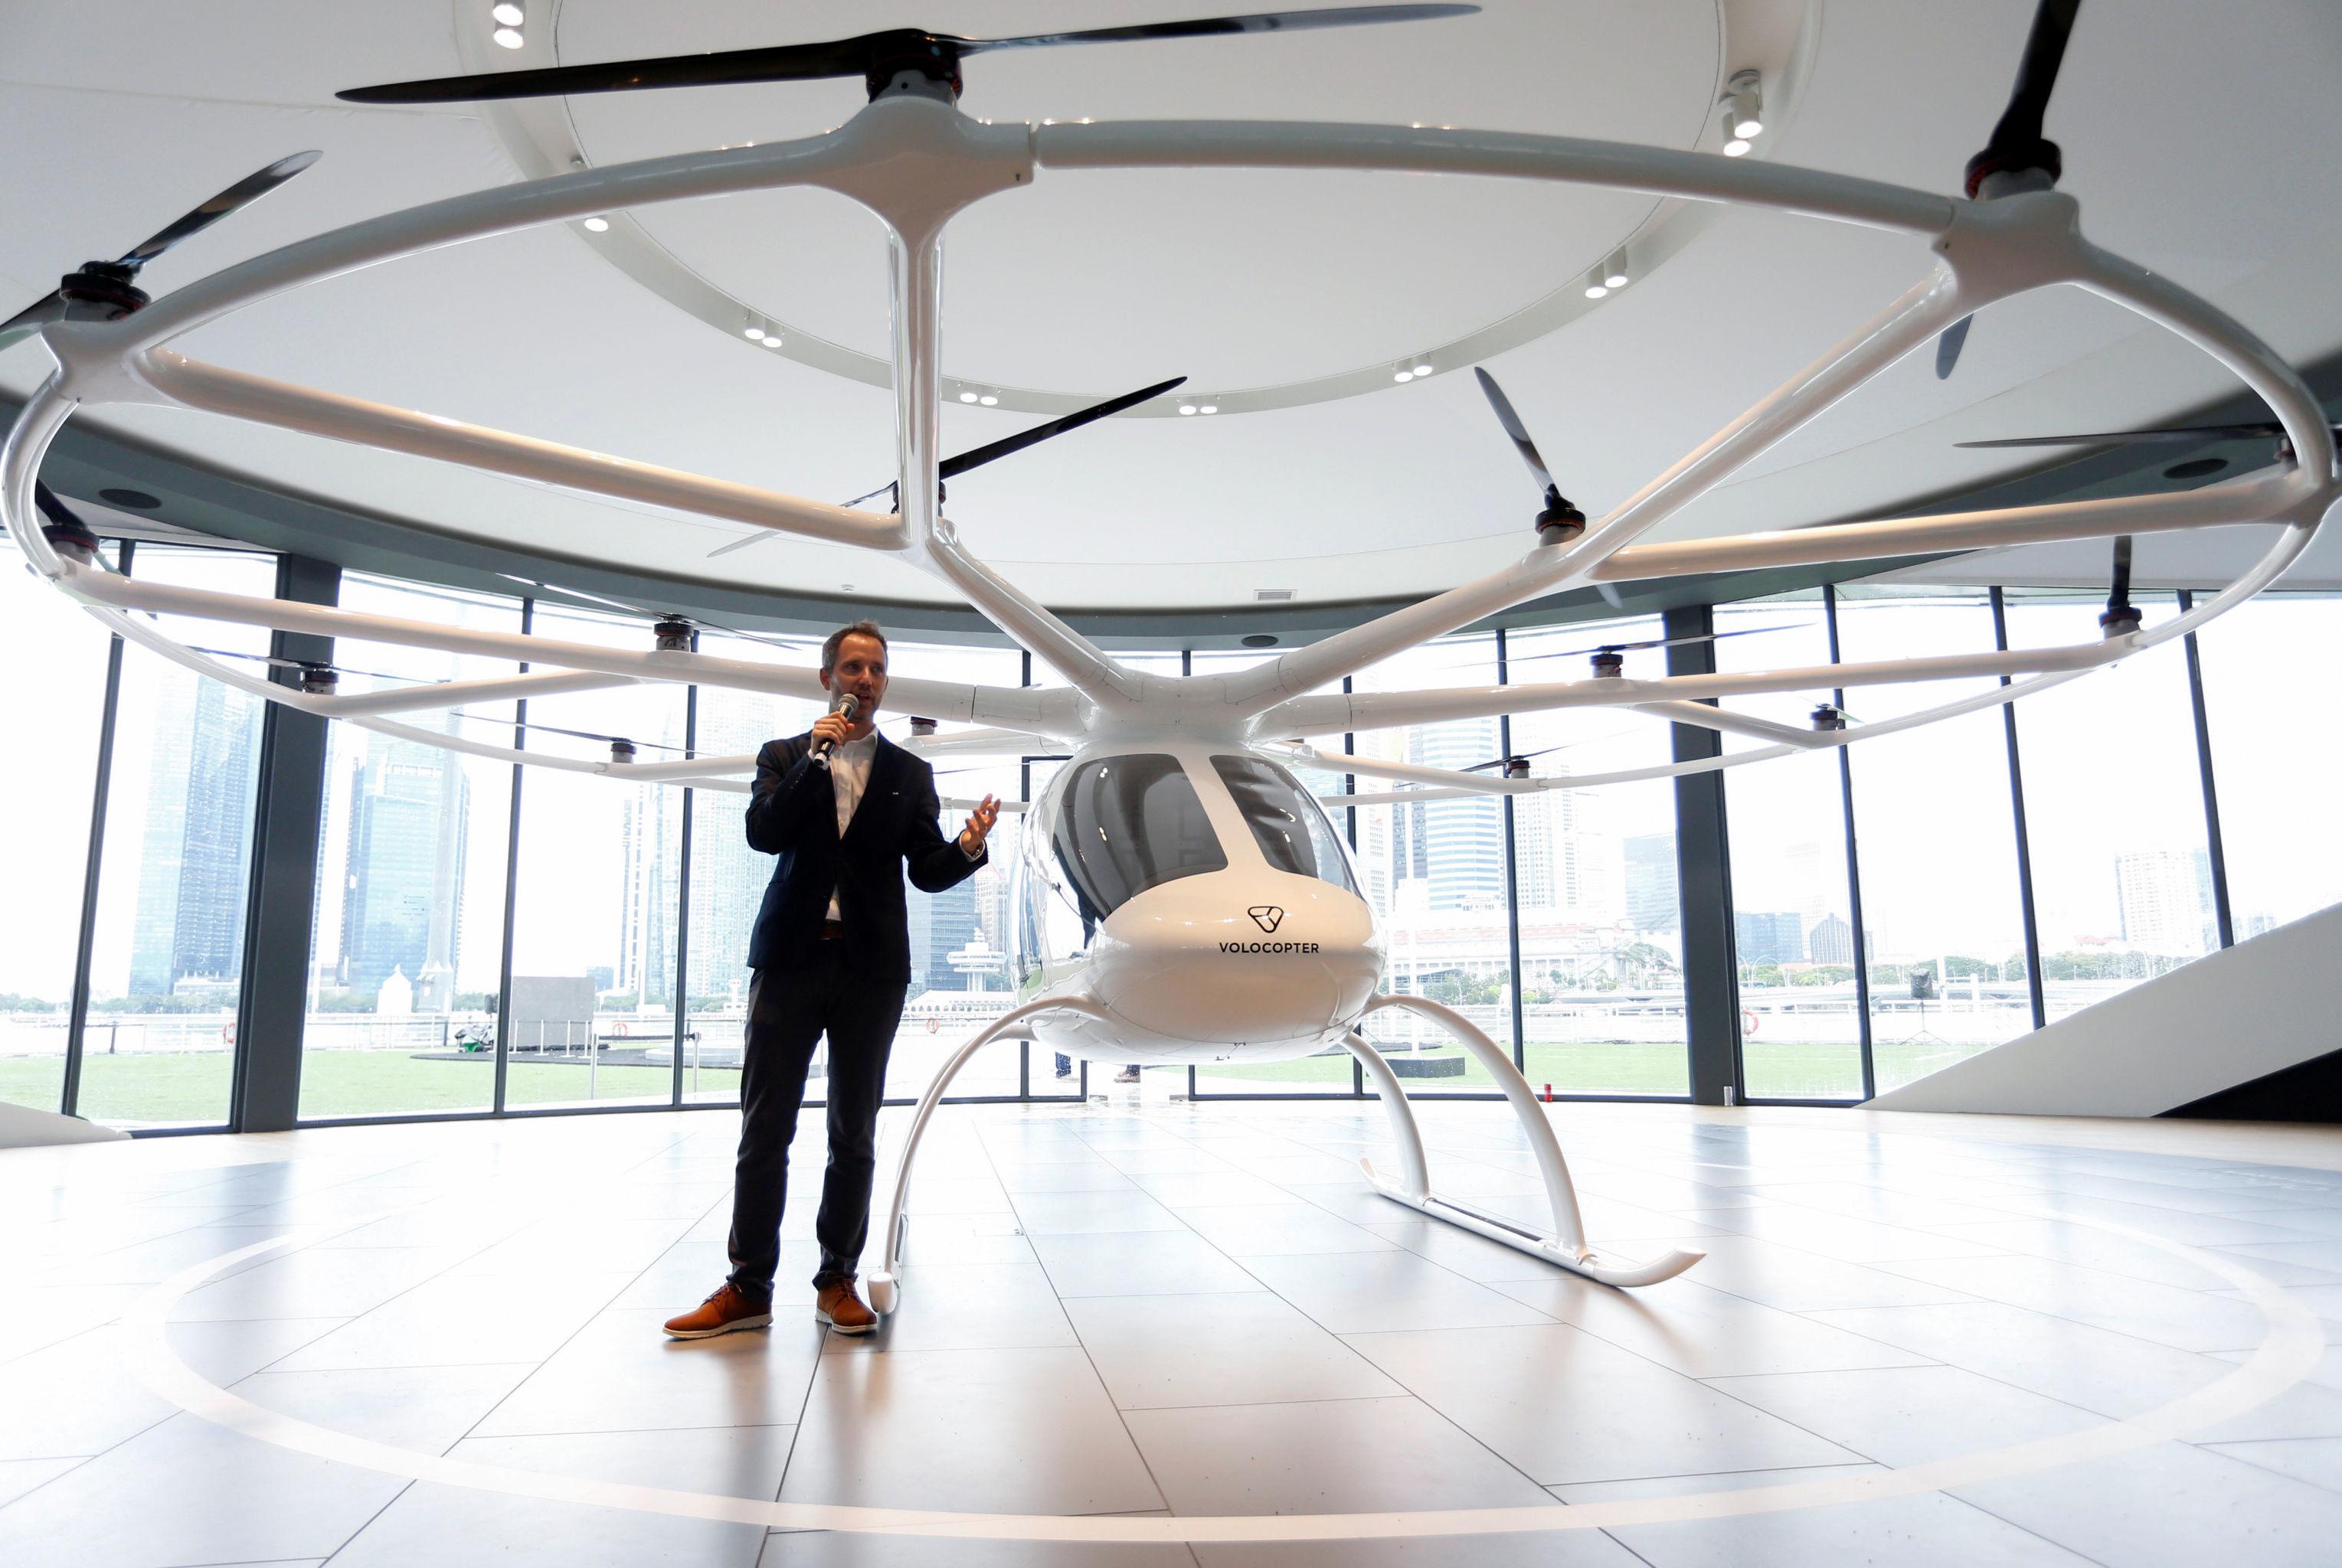 Alman şirketi Volocopter'ın CEO'su Florian Reuter, ürettikleri uçan taksiyi Singapur'da tanıtırken Çin, Hindistan, Tayland, Filipinler ve Endonezya'yı hedef ülkeler olarak açıkladı.